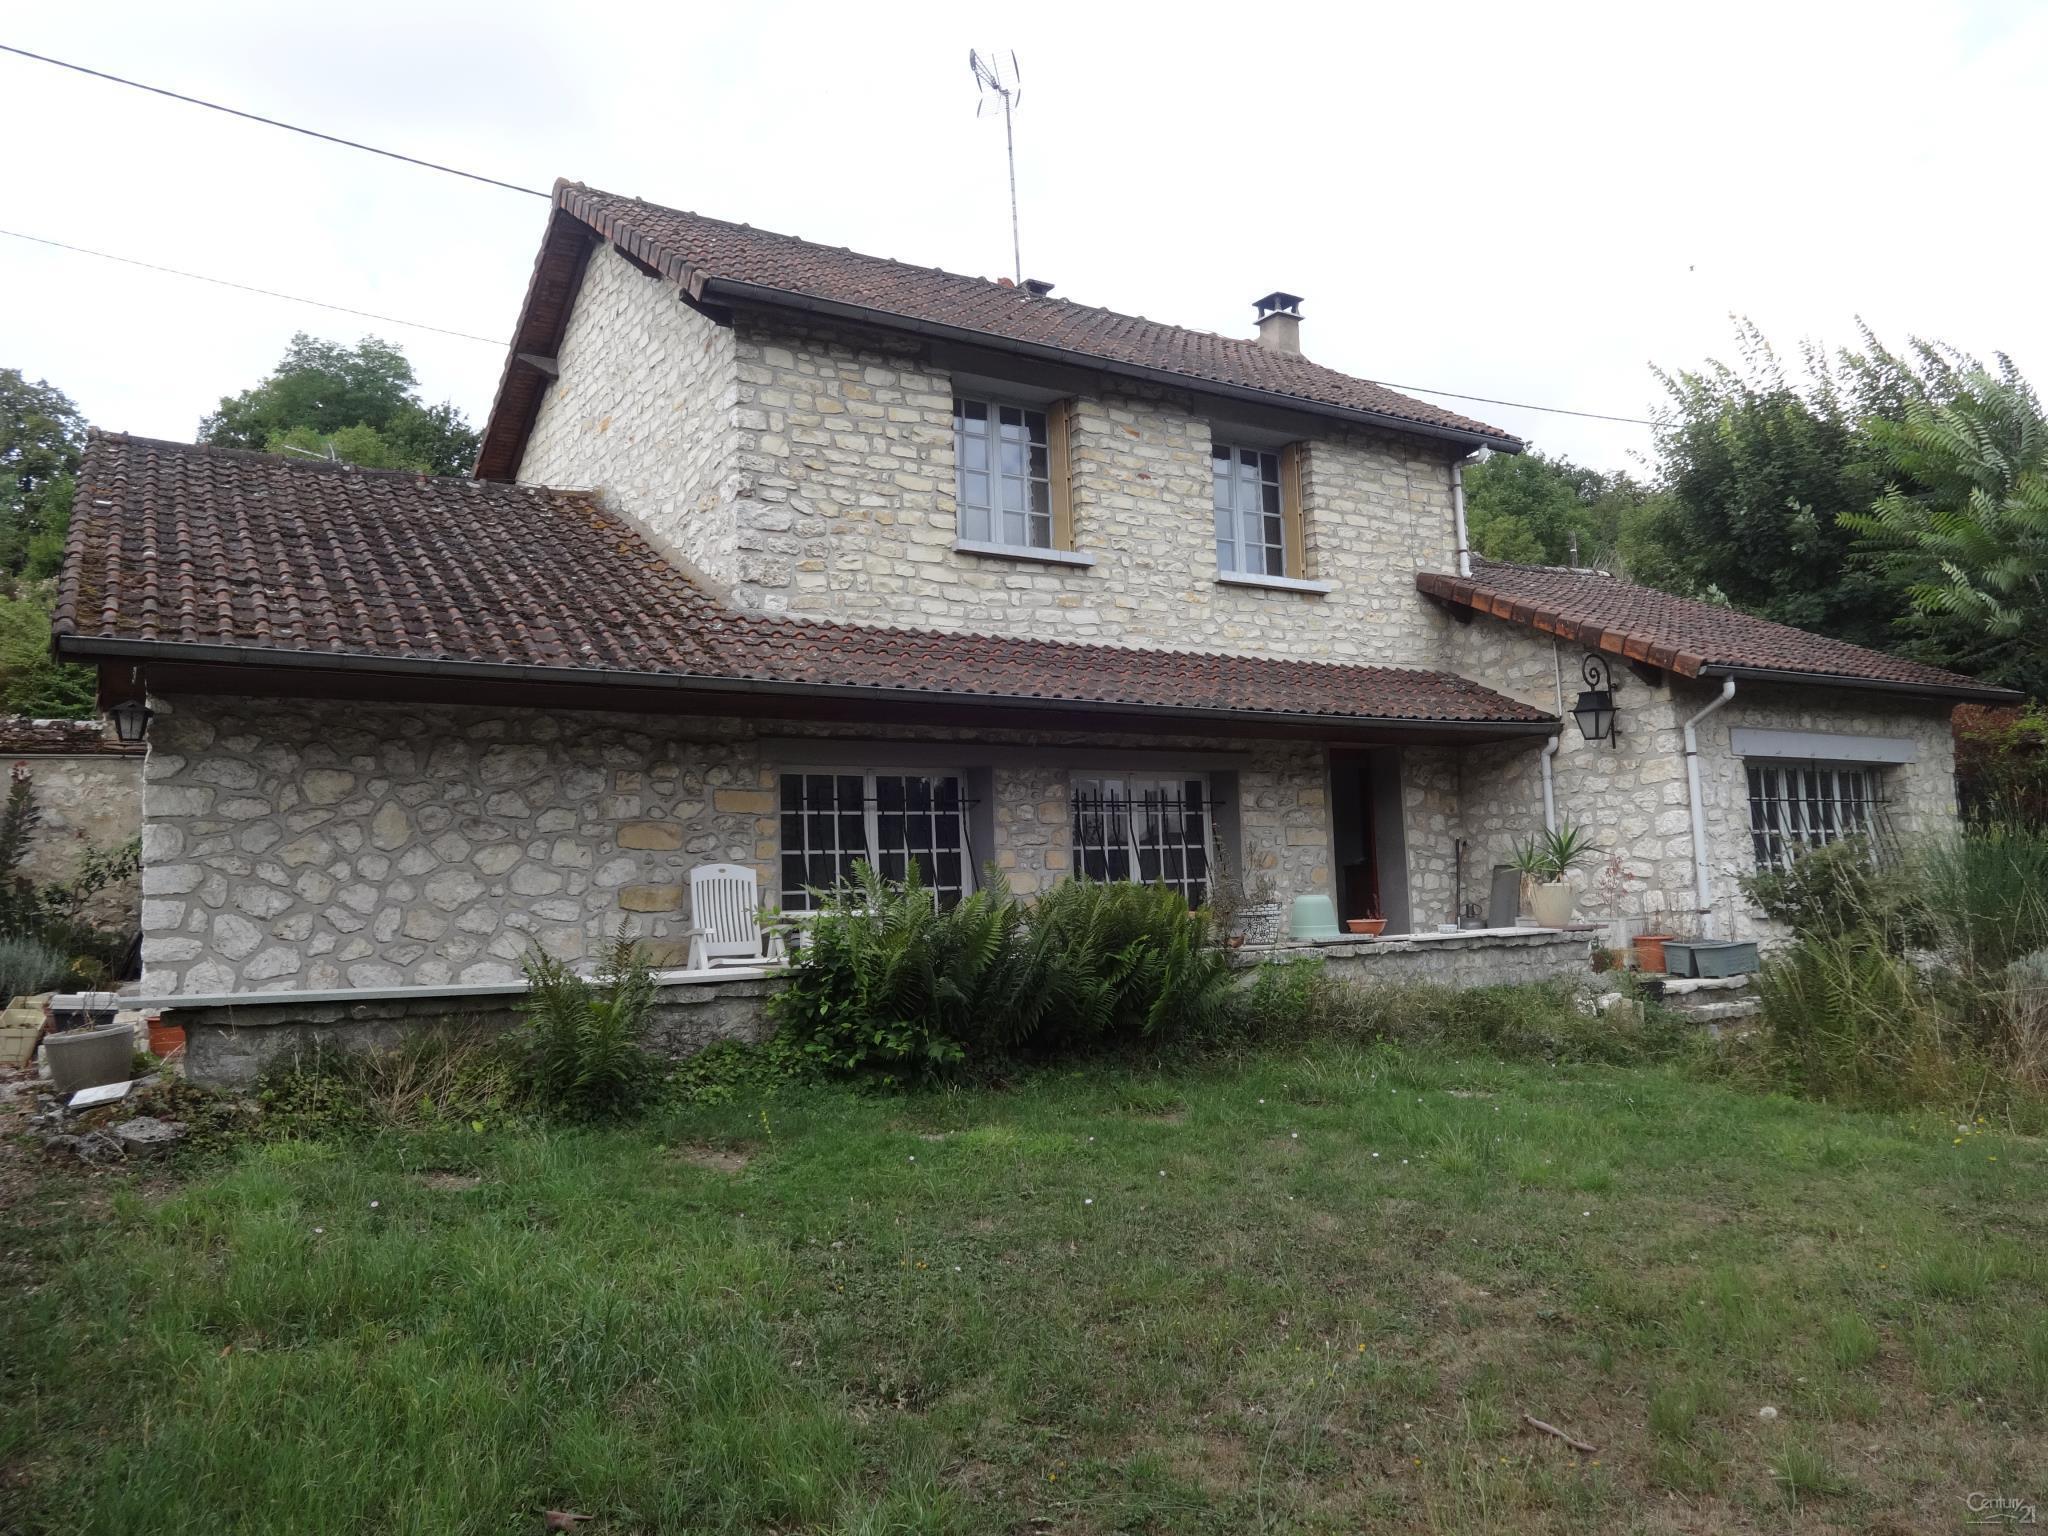 Achat Maison Veneux Les Sablons Of Annonce Vente Maison Veneux Les Sablons 77250 120 M